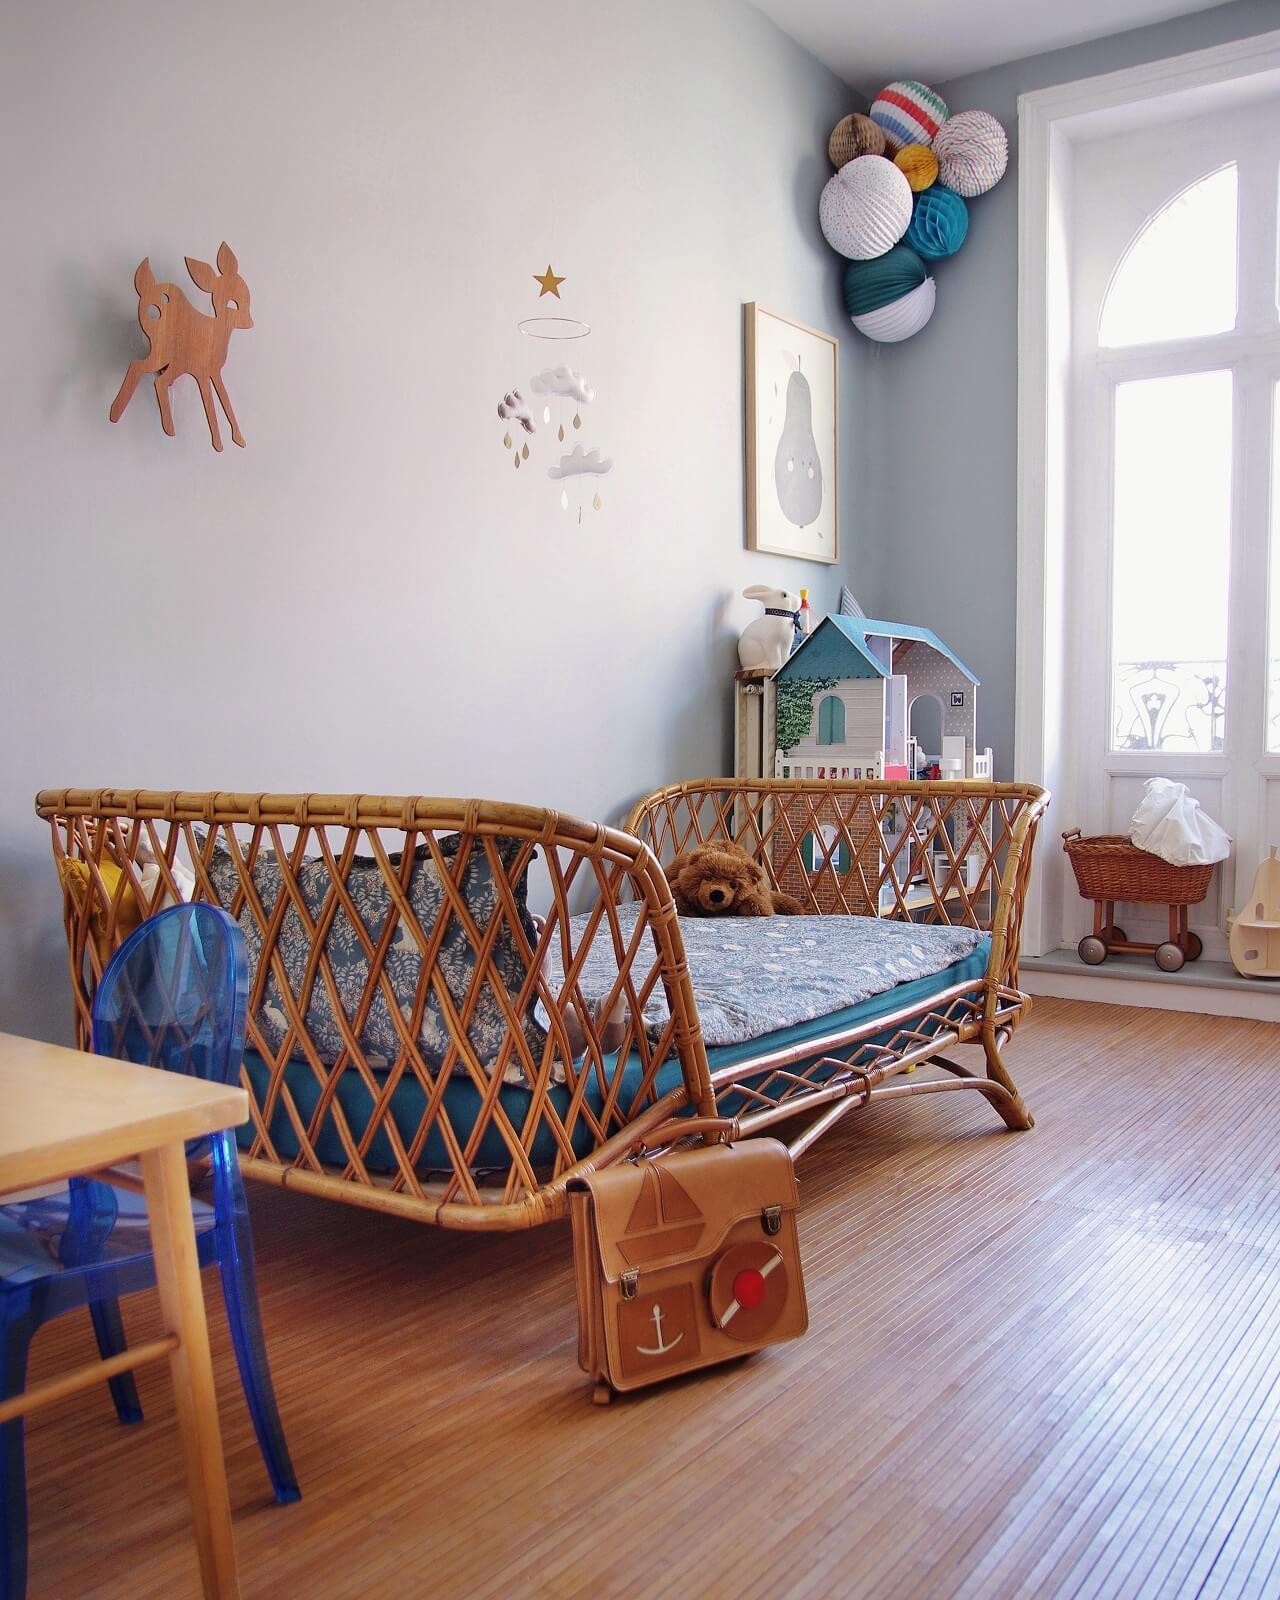 Drewniana podłoga w pokoju dziecka